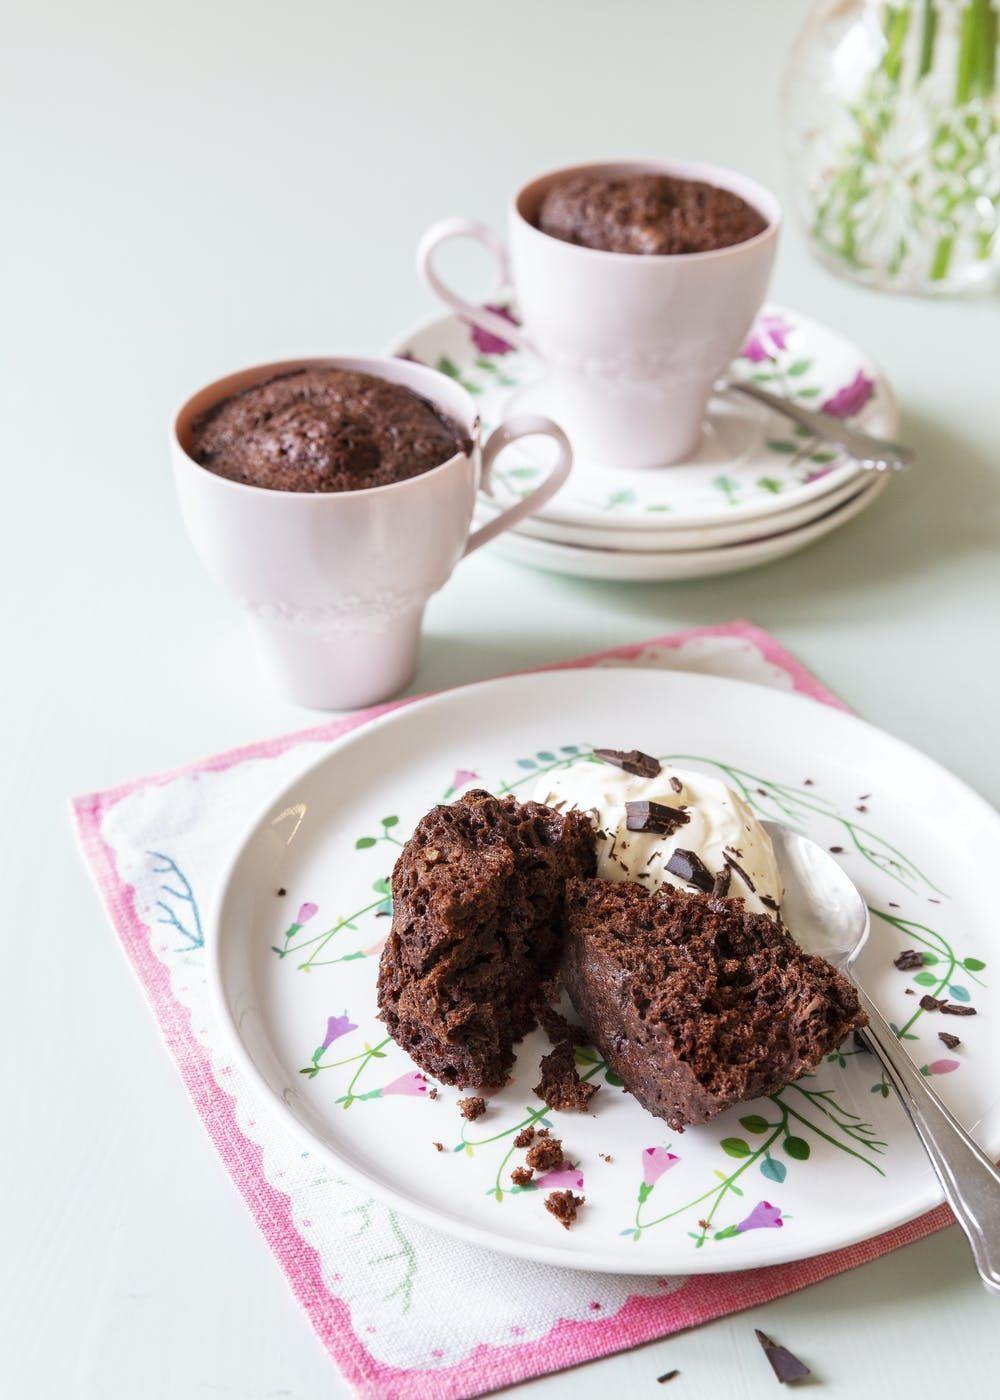 Muffin Keto De Chocolate En Taza Diet Doctor Receta Recetas De Tazas Harina De Coco Tortita Keto